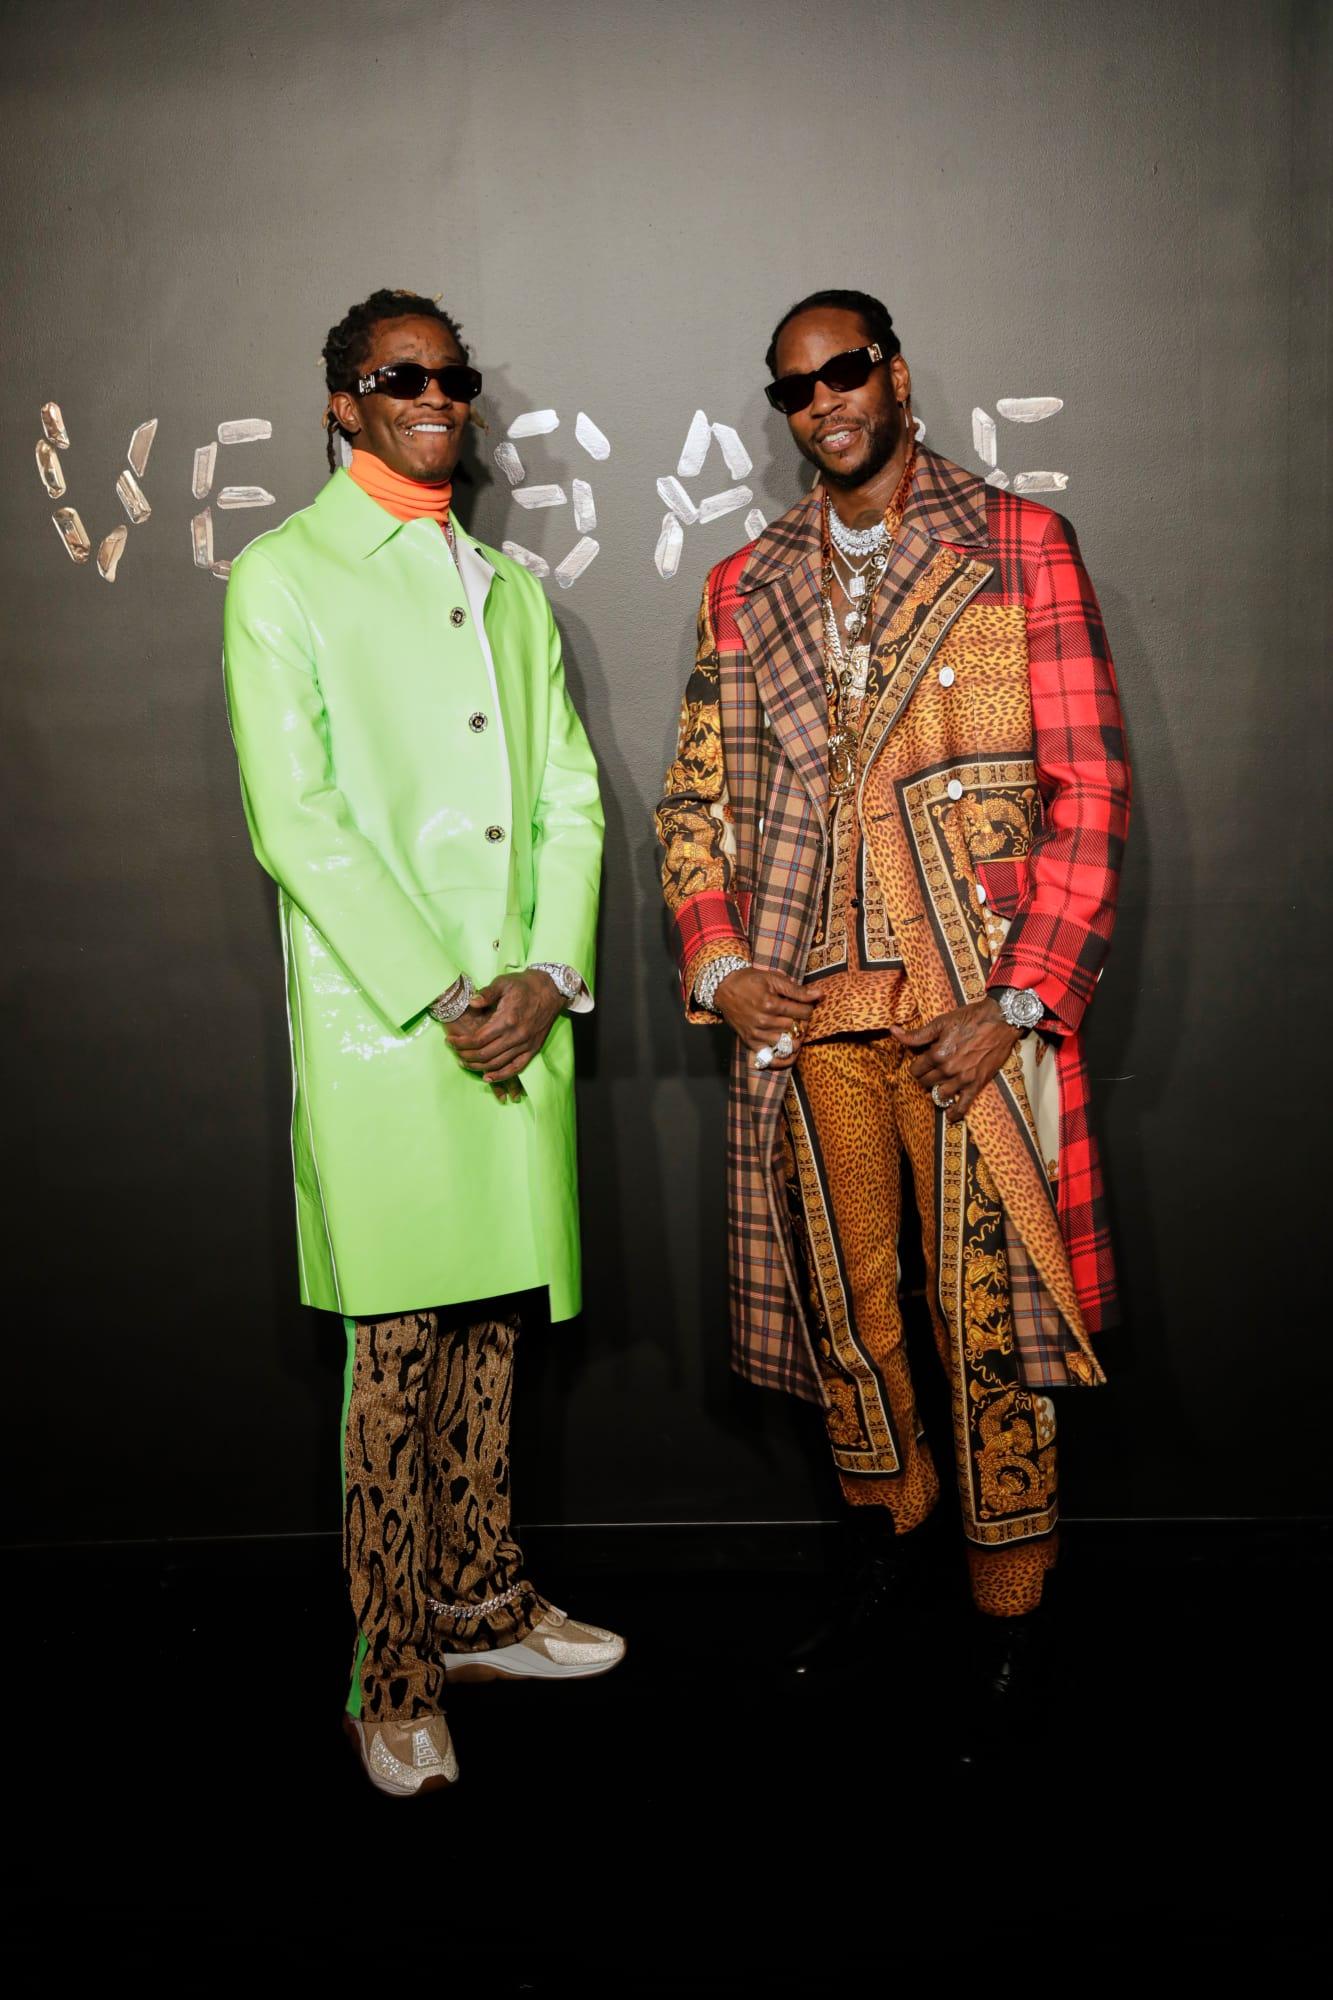 Rapper Young Thug và 2Chainz trong các thiết kế của Versace.